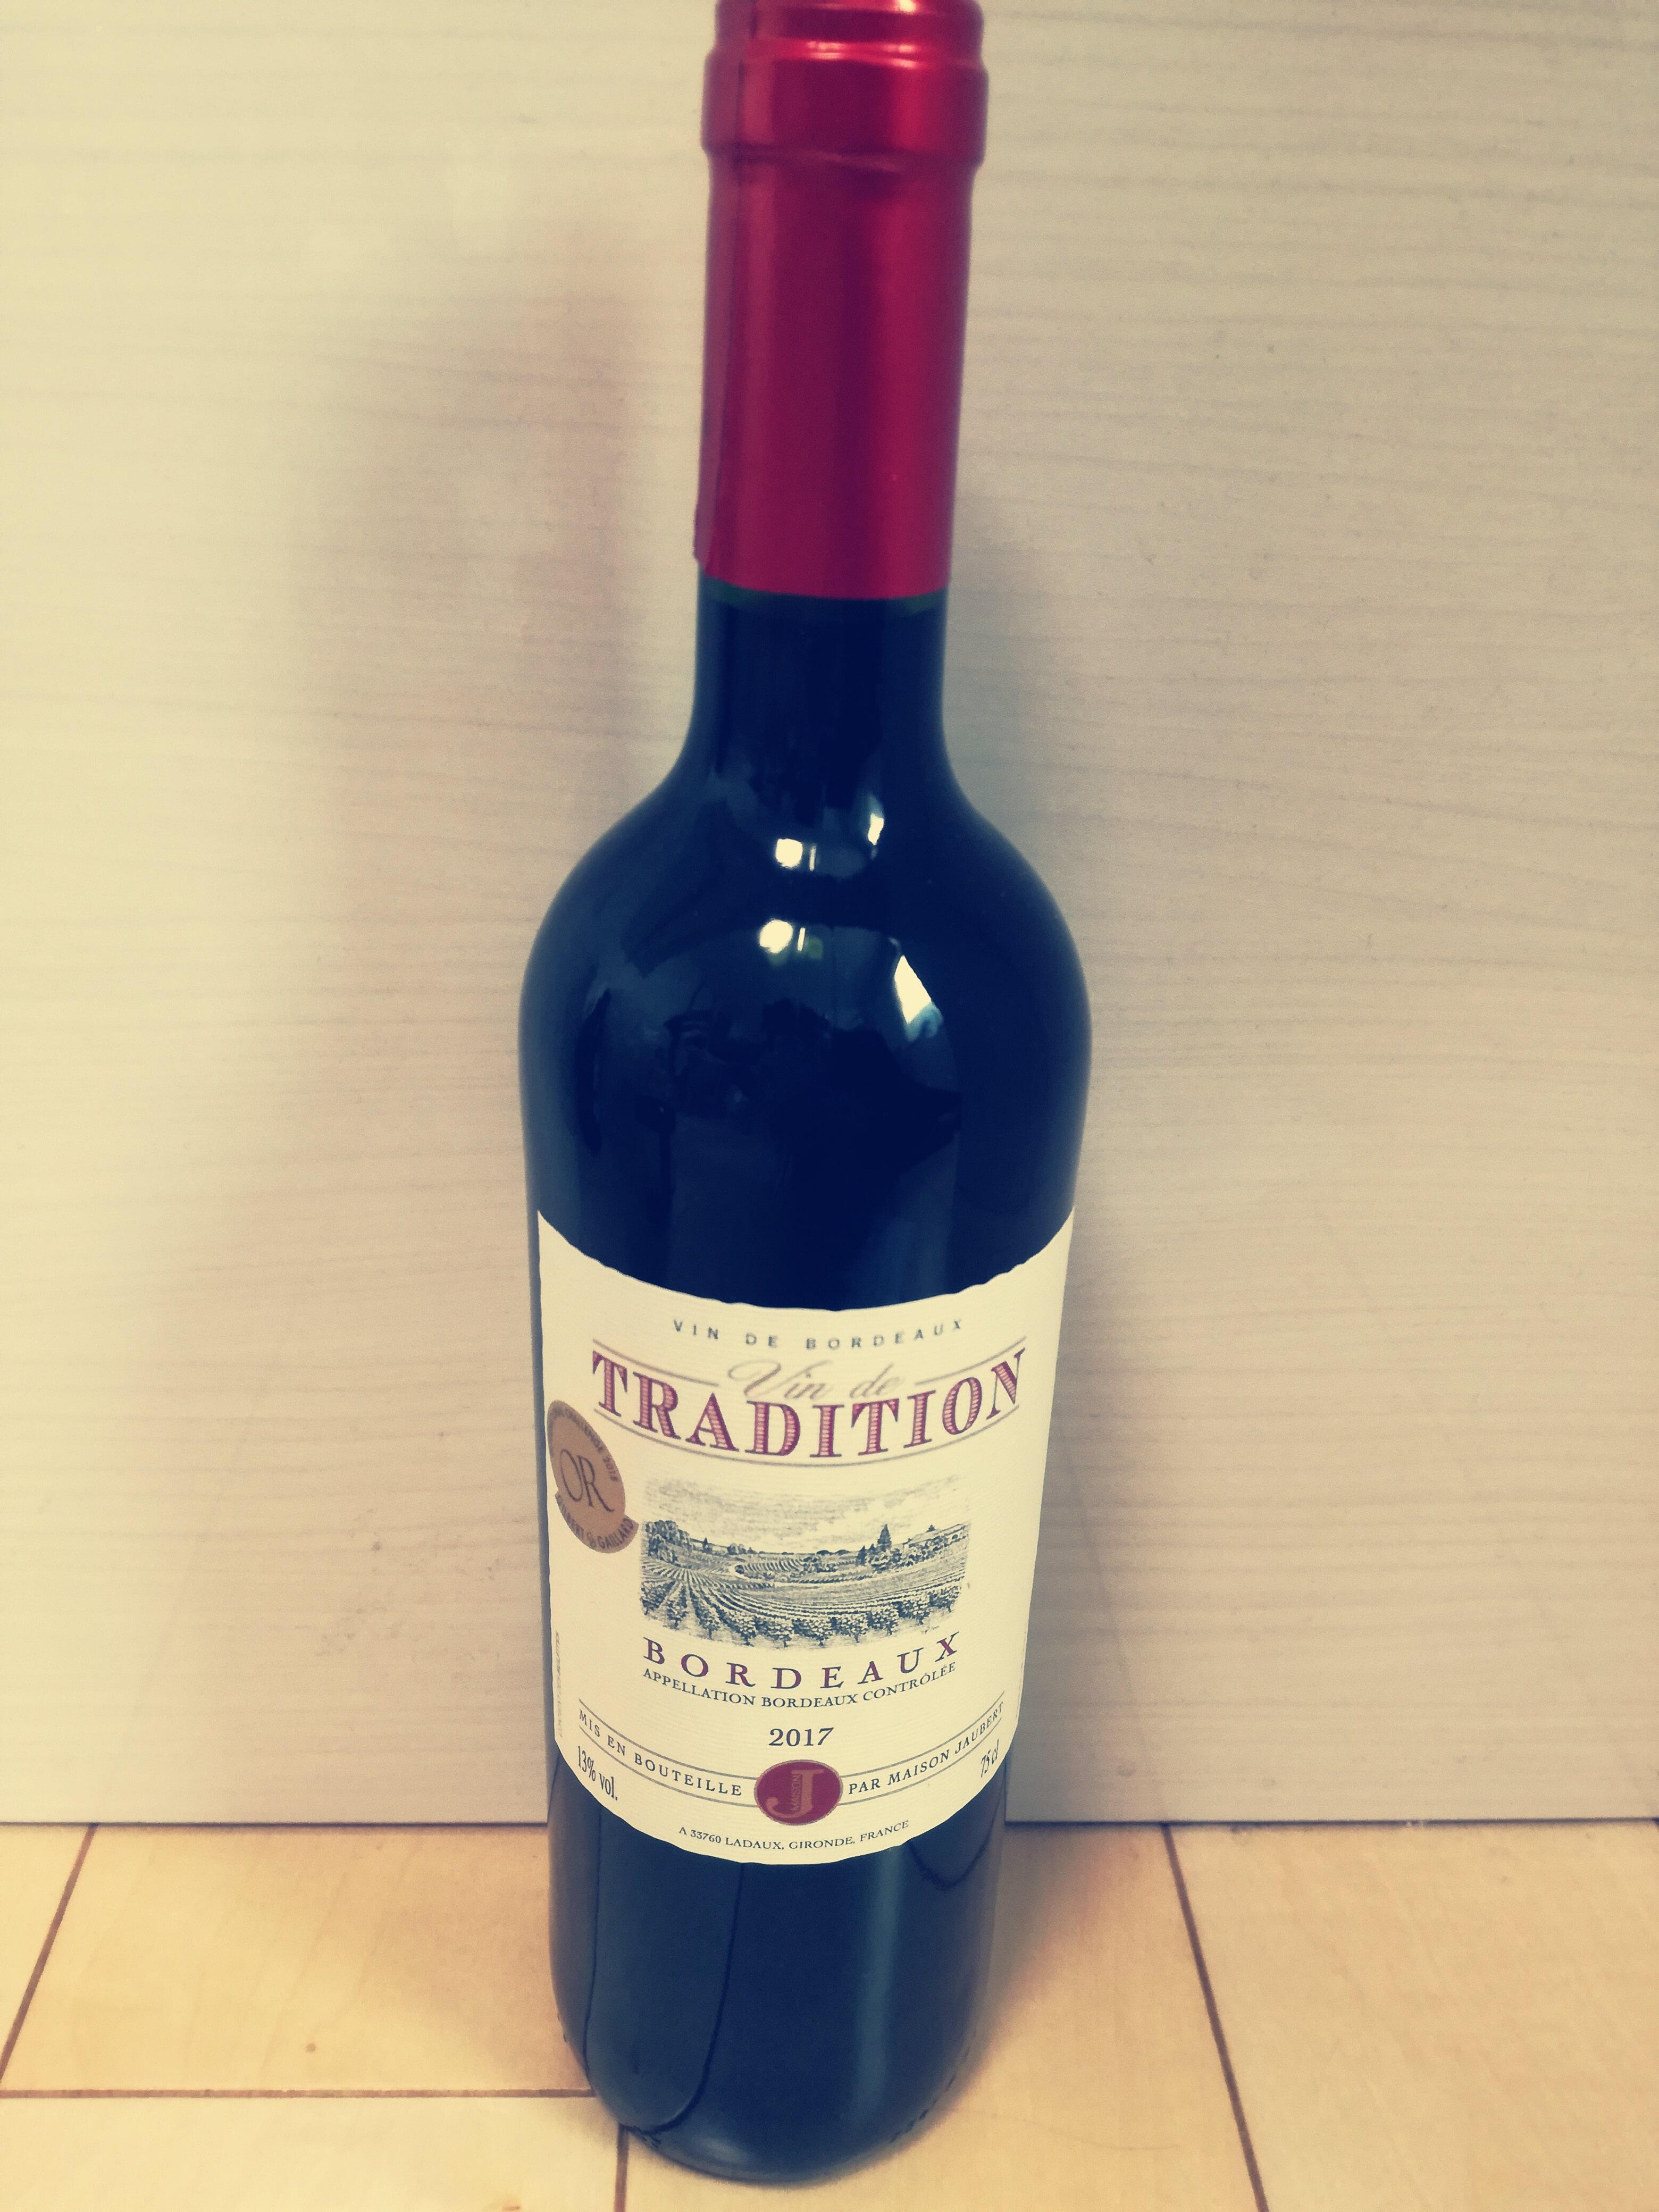 含み損3万円超えのベルーナ(9997)から株主優待で選択したフランス金賞の赤ワインが到着!